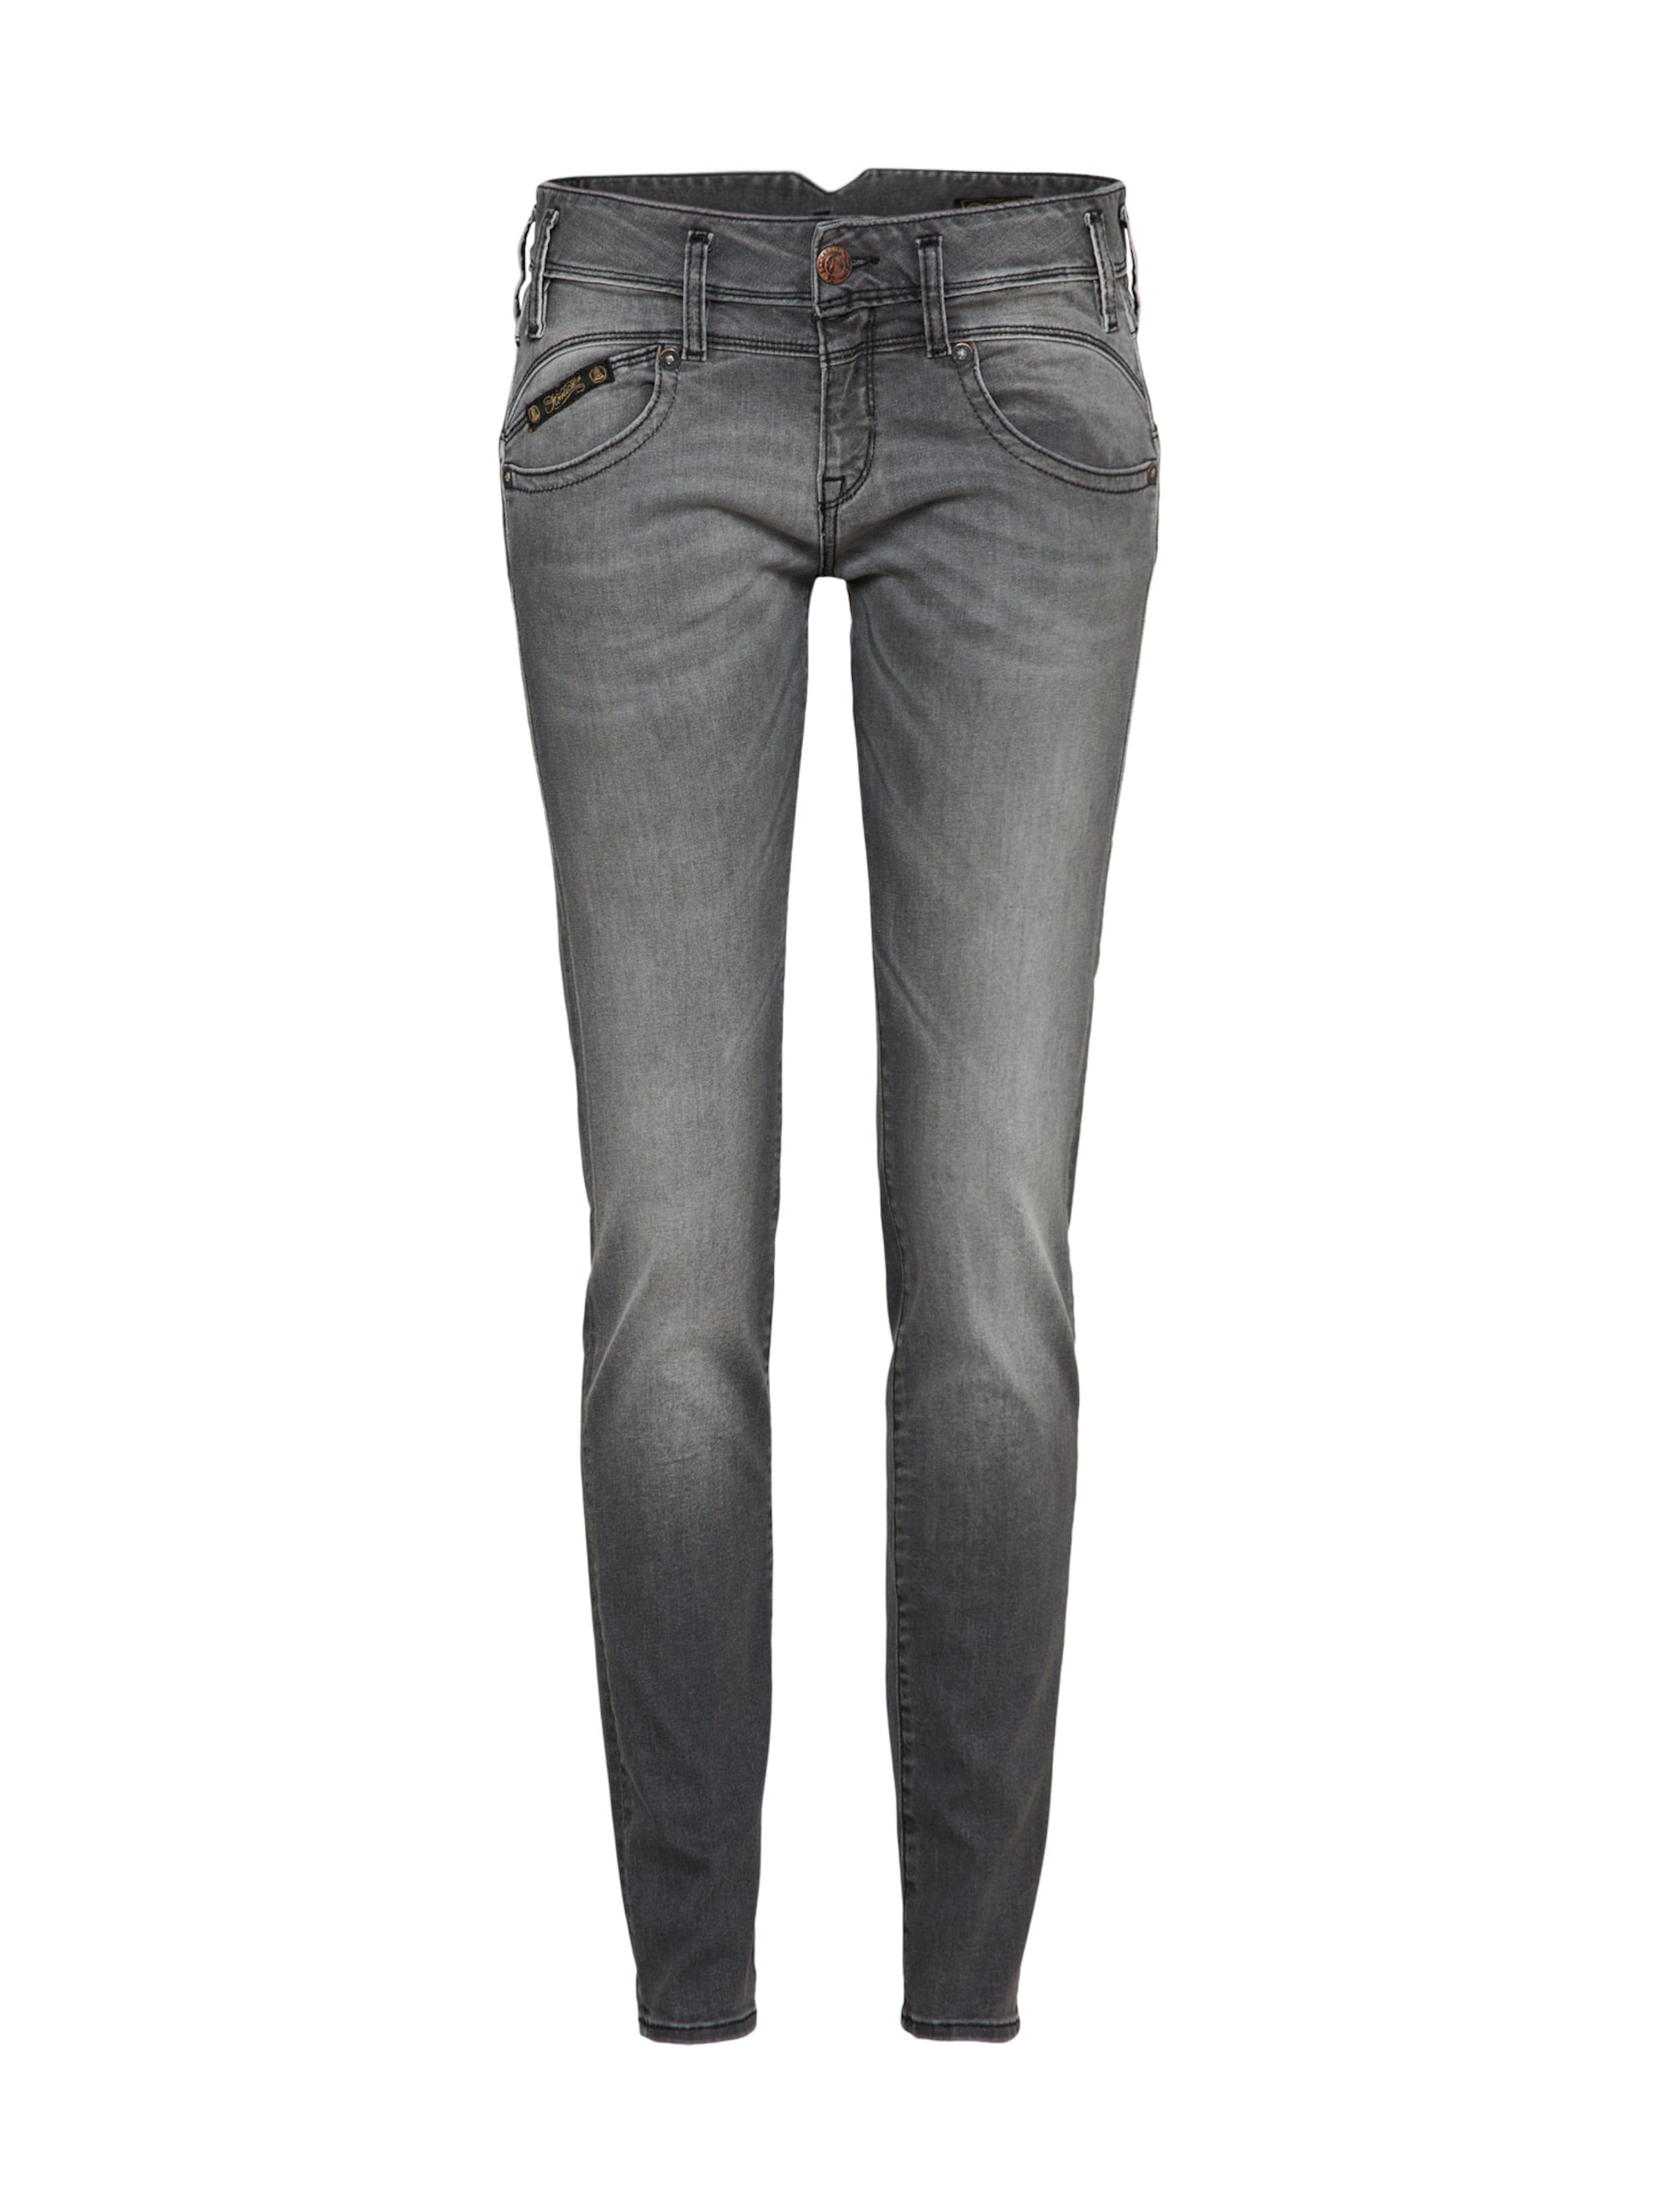 Slim' In Grijs Jeans Herrlicher 'pearl uTcKF1lJ3